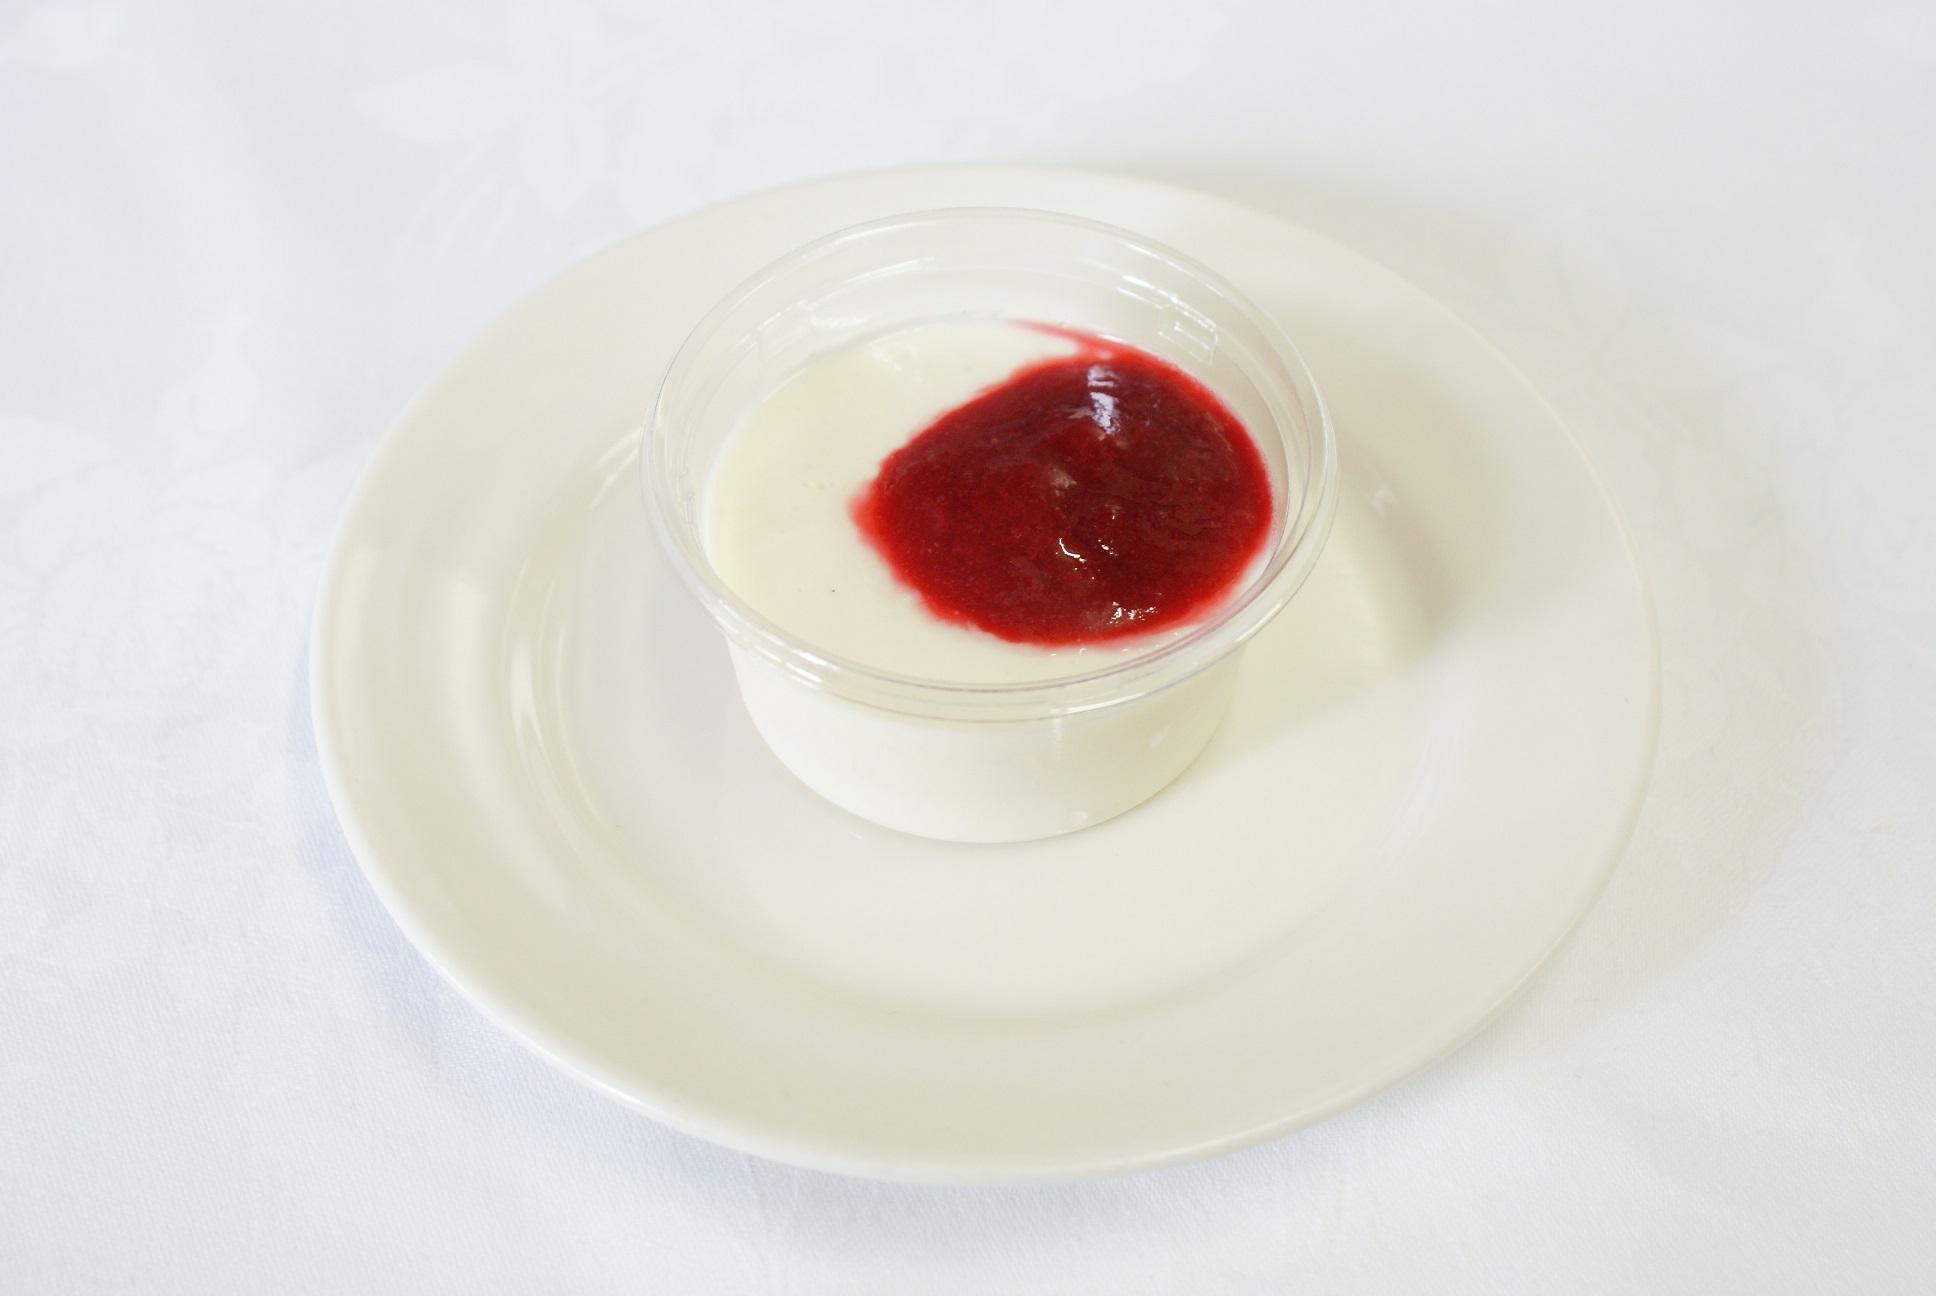 【完全個別包装のカップオードヴル】牛肉のソテーとフォアグラのロッシーニ風 と選べるカップオードヴル画像16